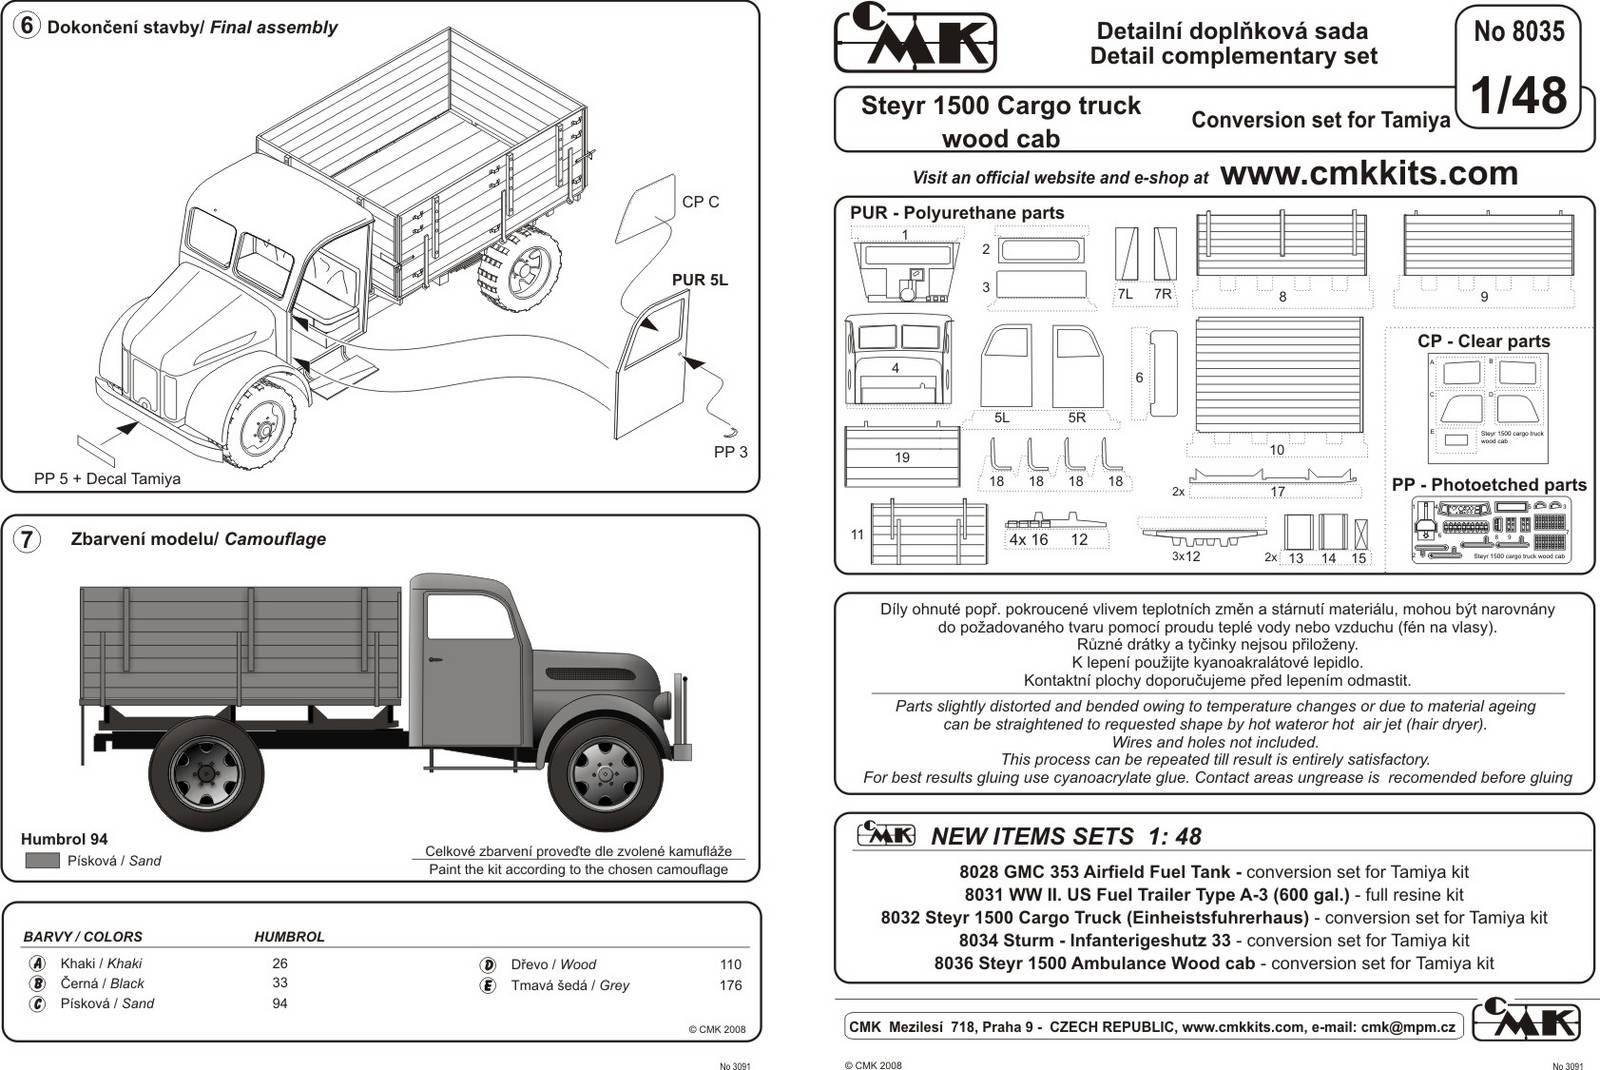 Steyr Cargo Truck Konwersja Tam Cmk